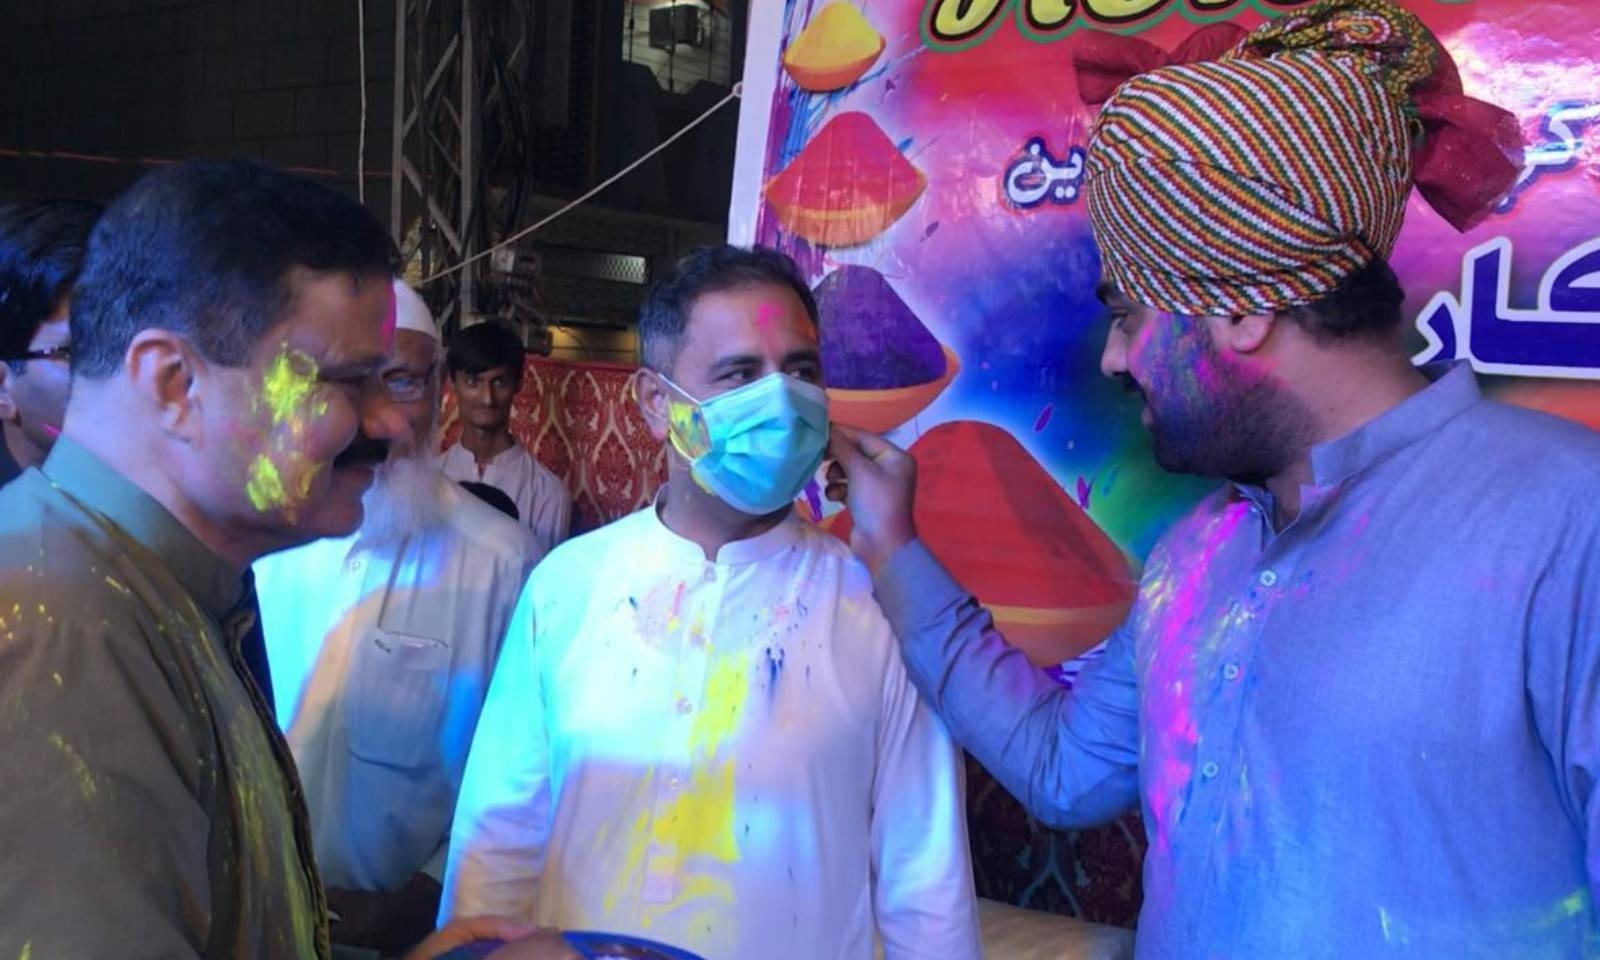 تھرپارکر میں ہولی کی تقریب میں پی پی پی کے صوبائی رکن نے شرکت کی — فوٹو: امتیاز دھارانی